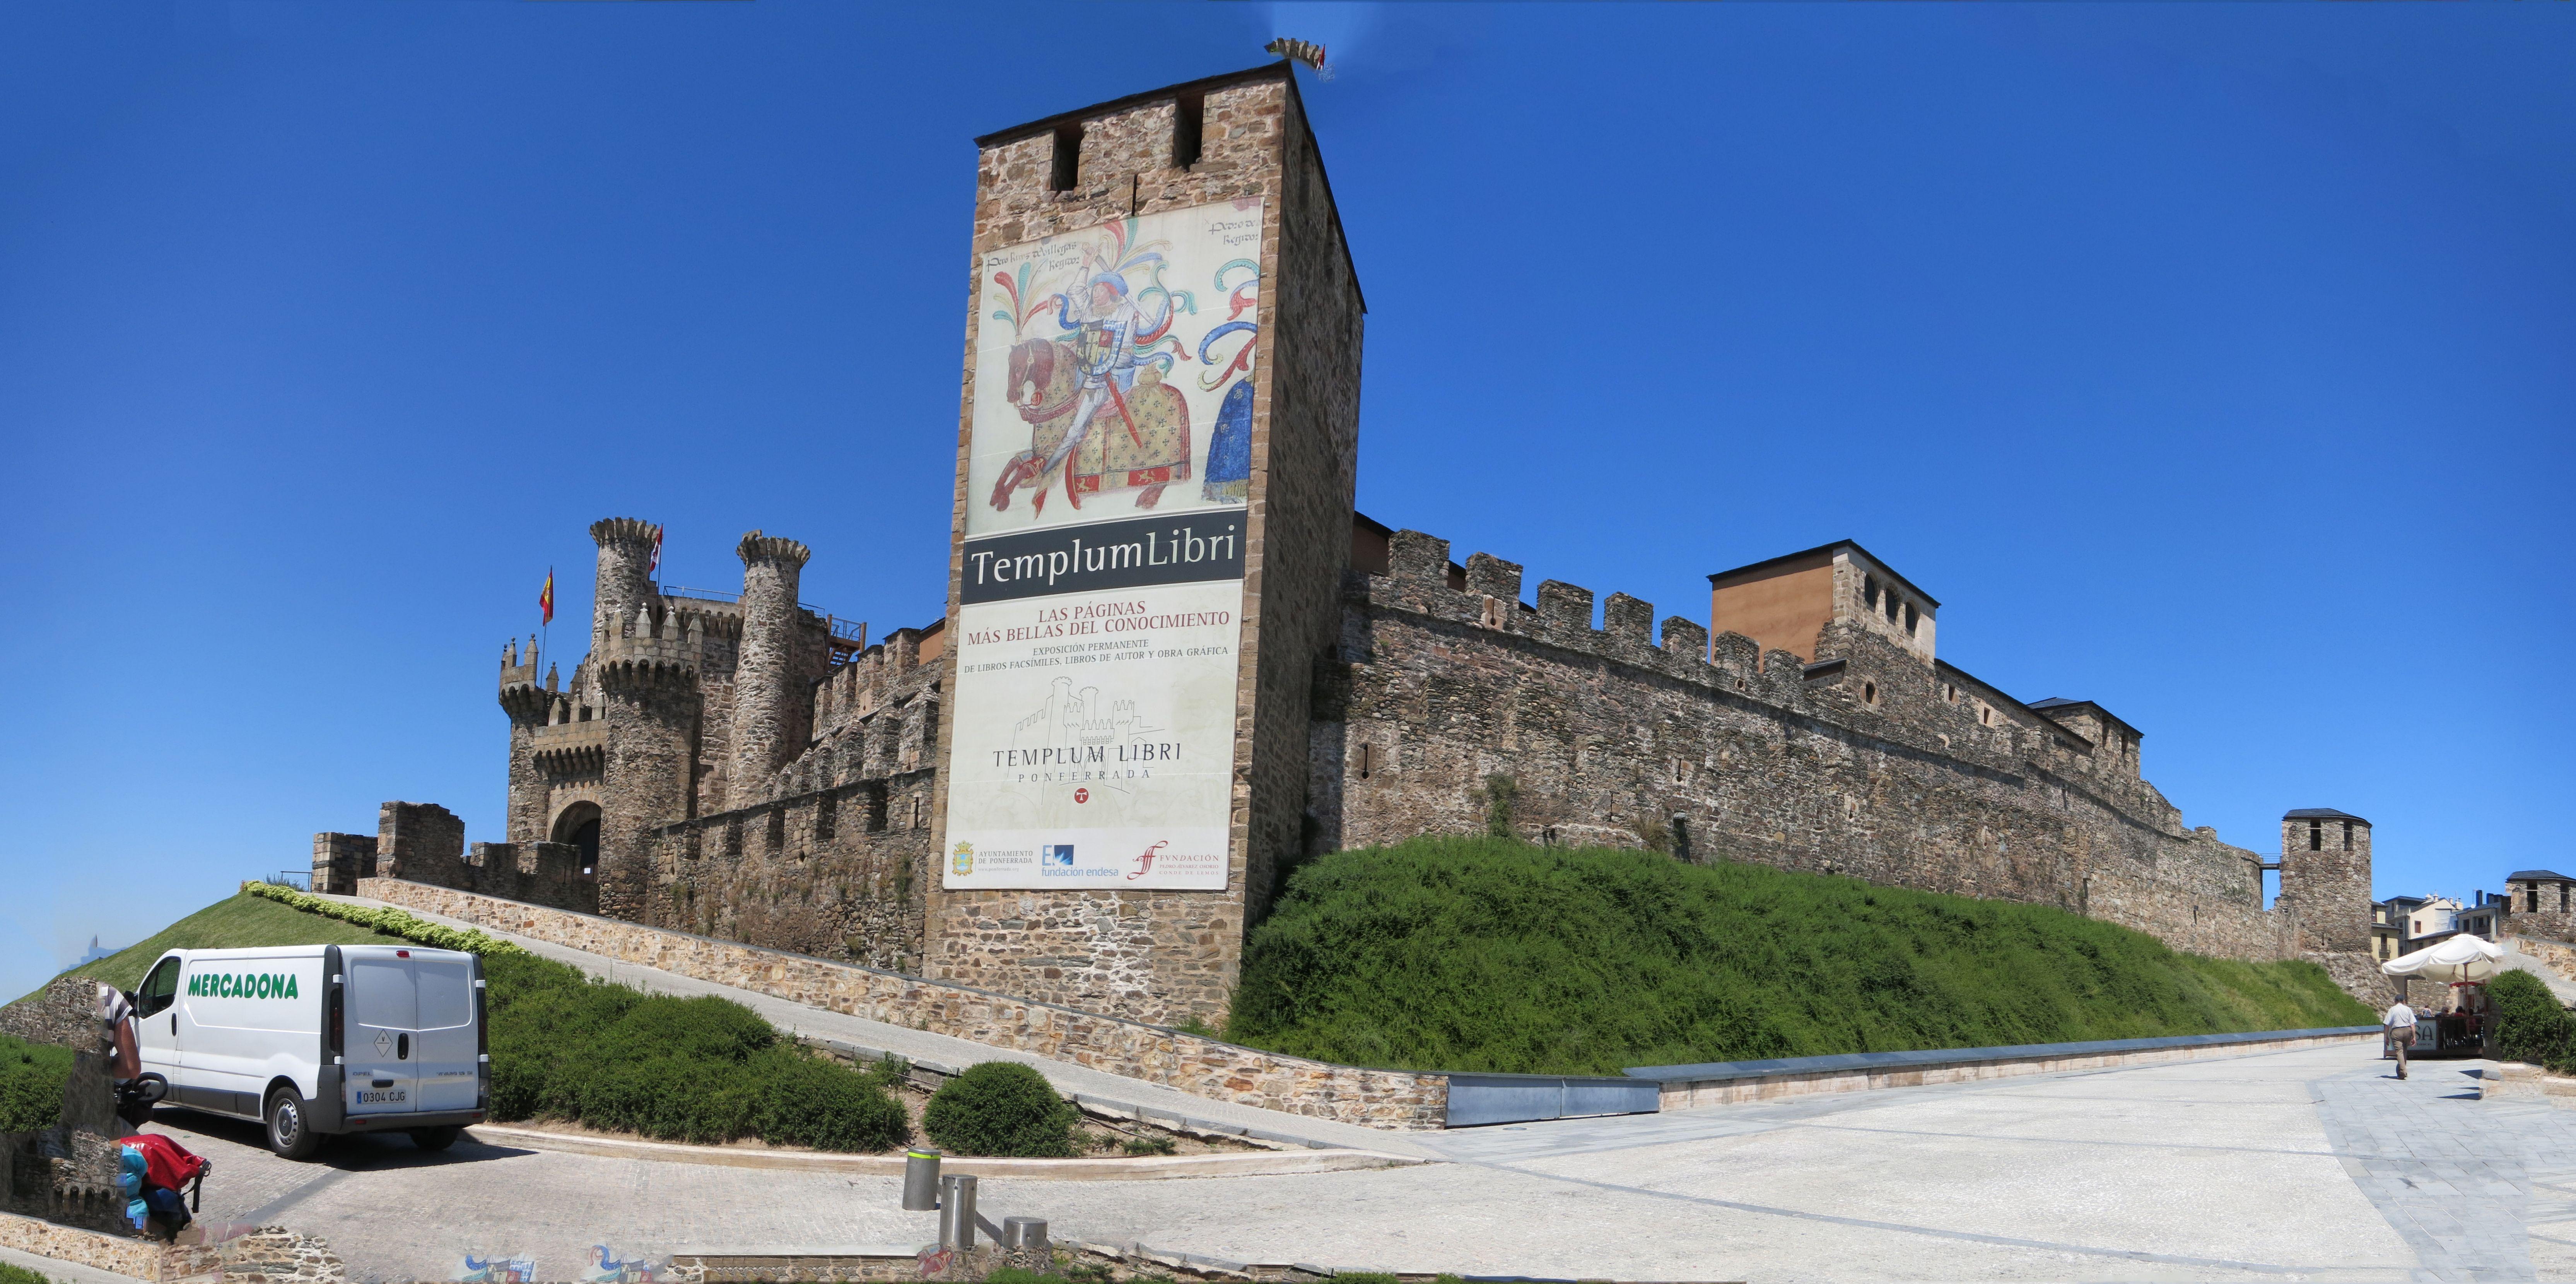 Tempeliersburcht in Ponferrada